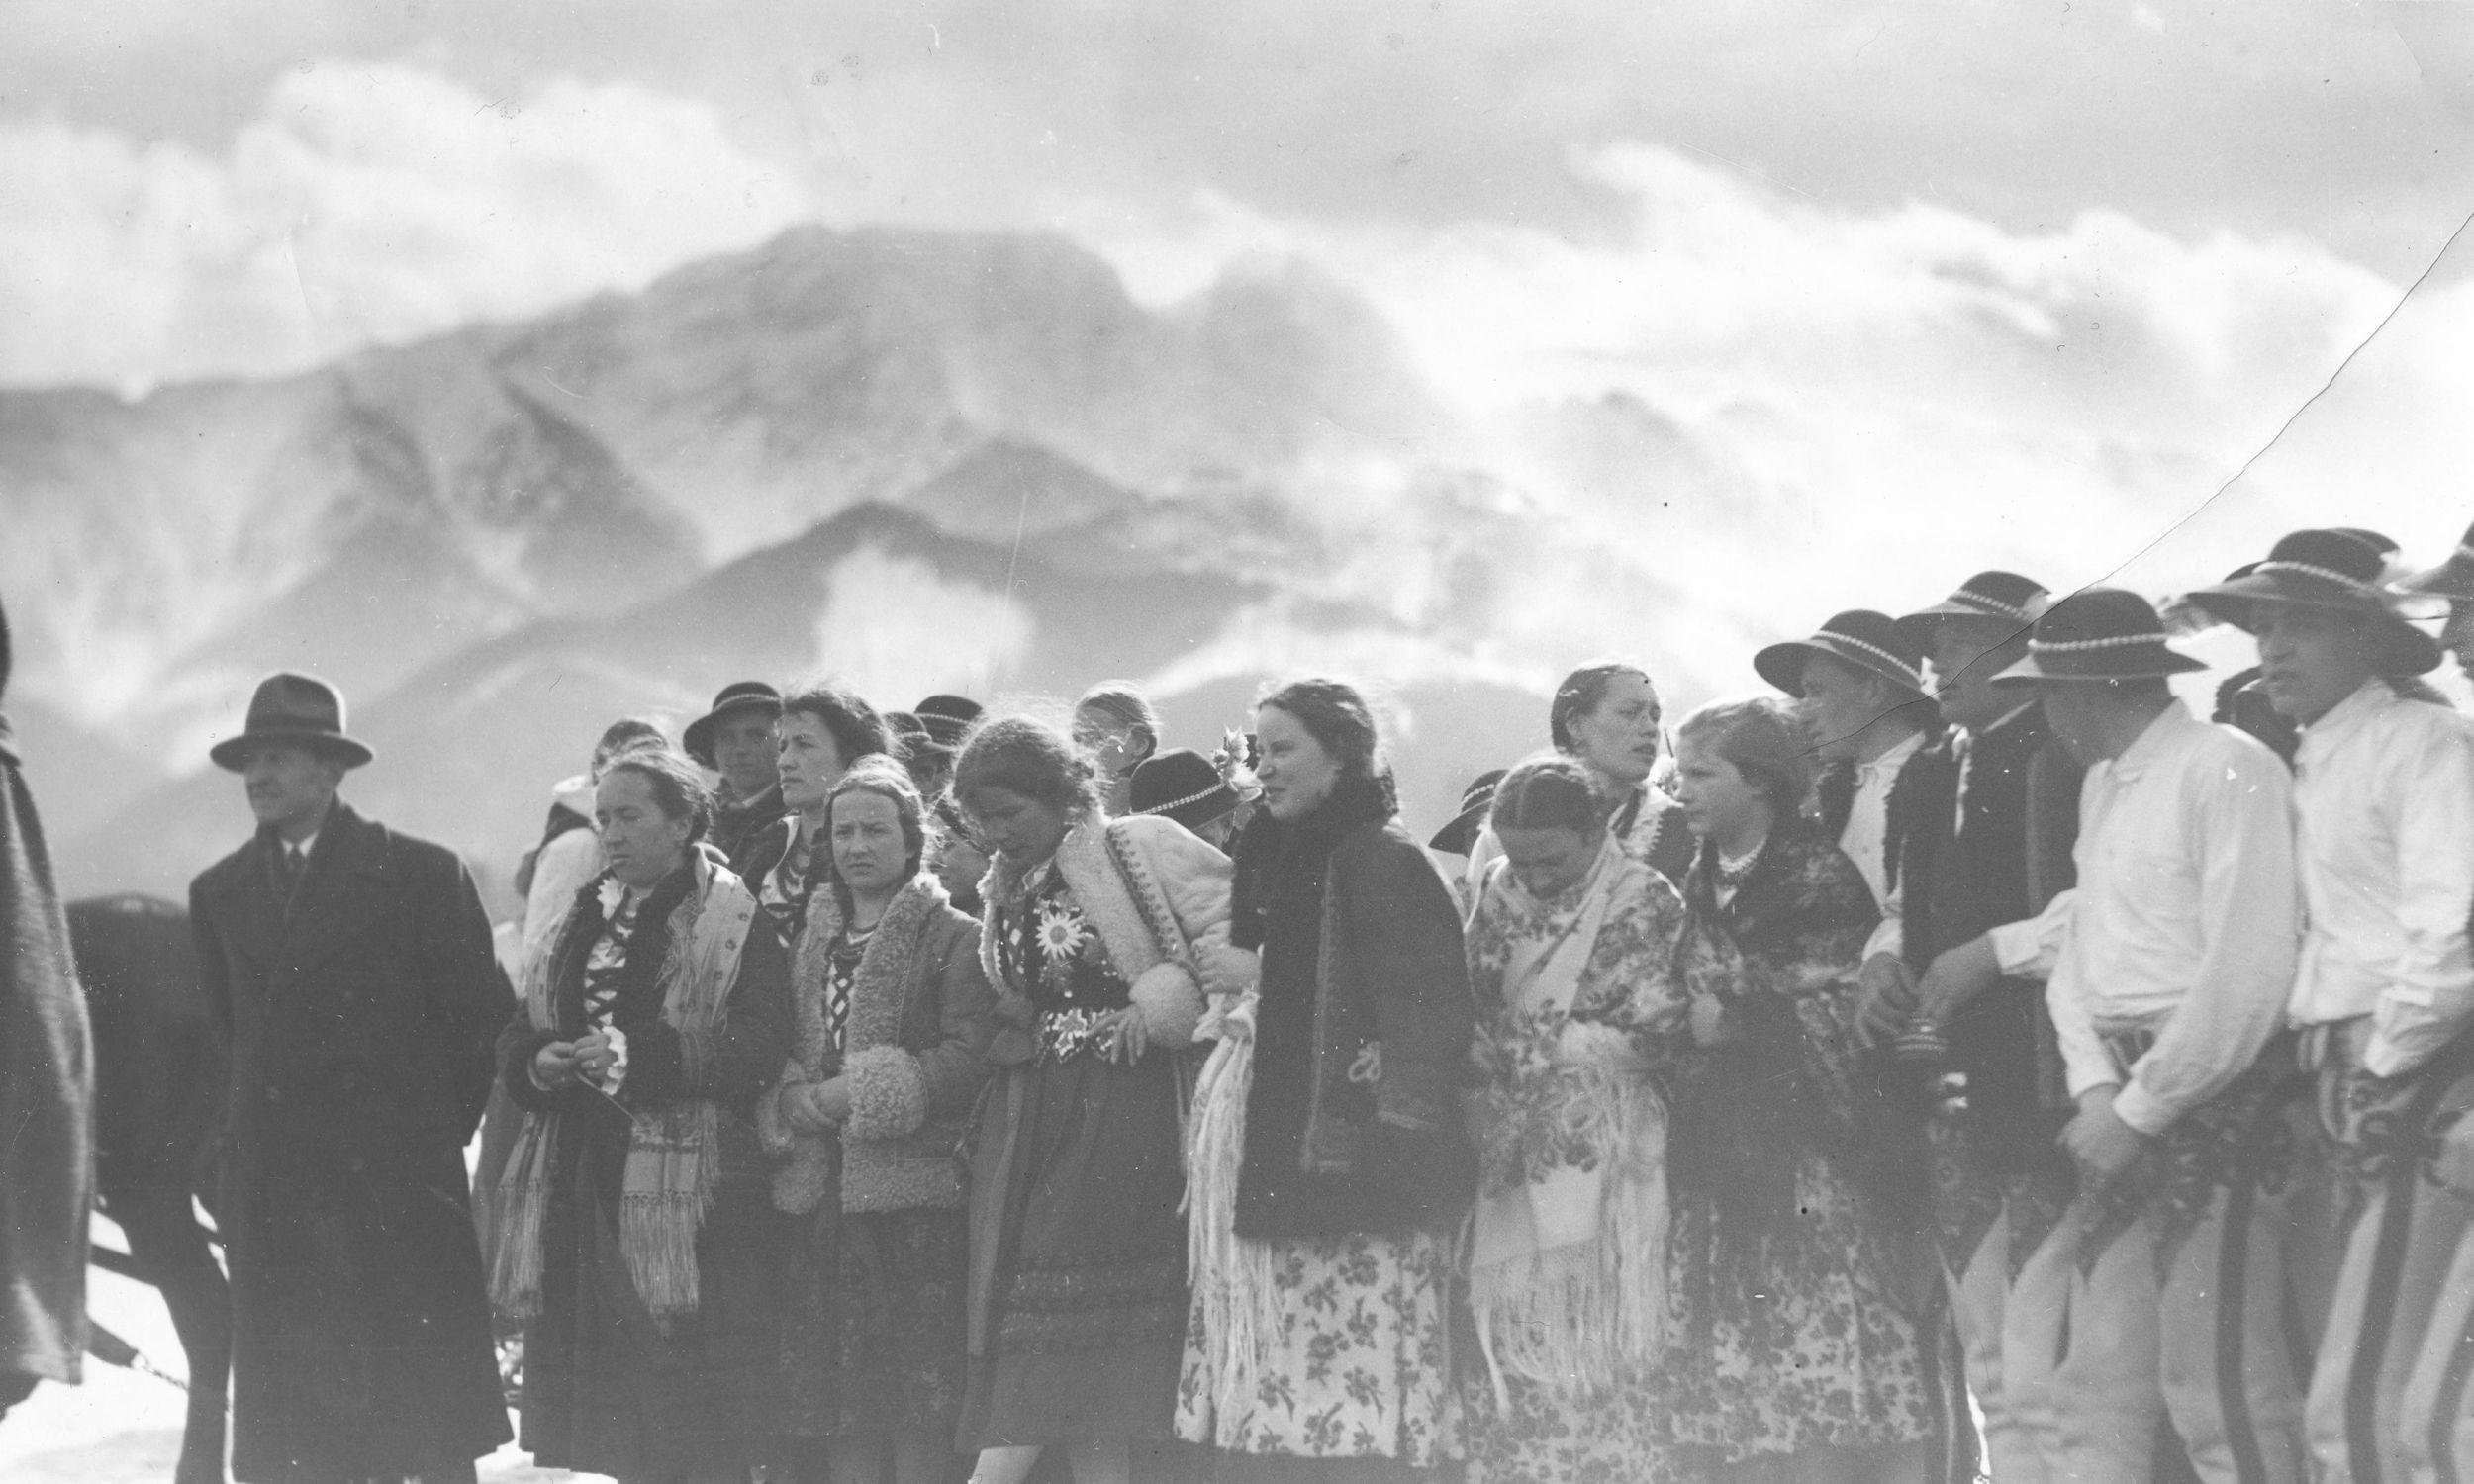 Obchody Święta Zimy w Zakopanem. Grupa górali podczas uroczystości na Równi Krupowej. Luty 1935. Fot. NAC/IKC, sygn. 1-P-3658-44